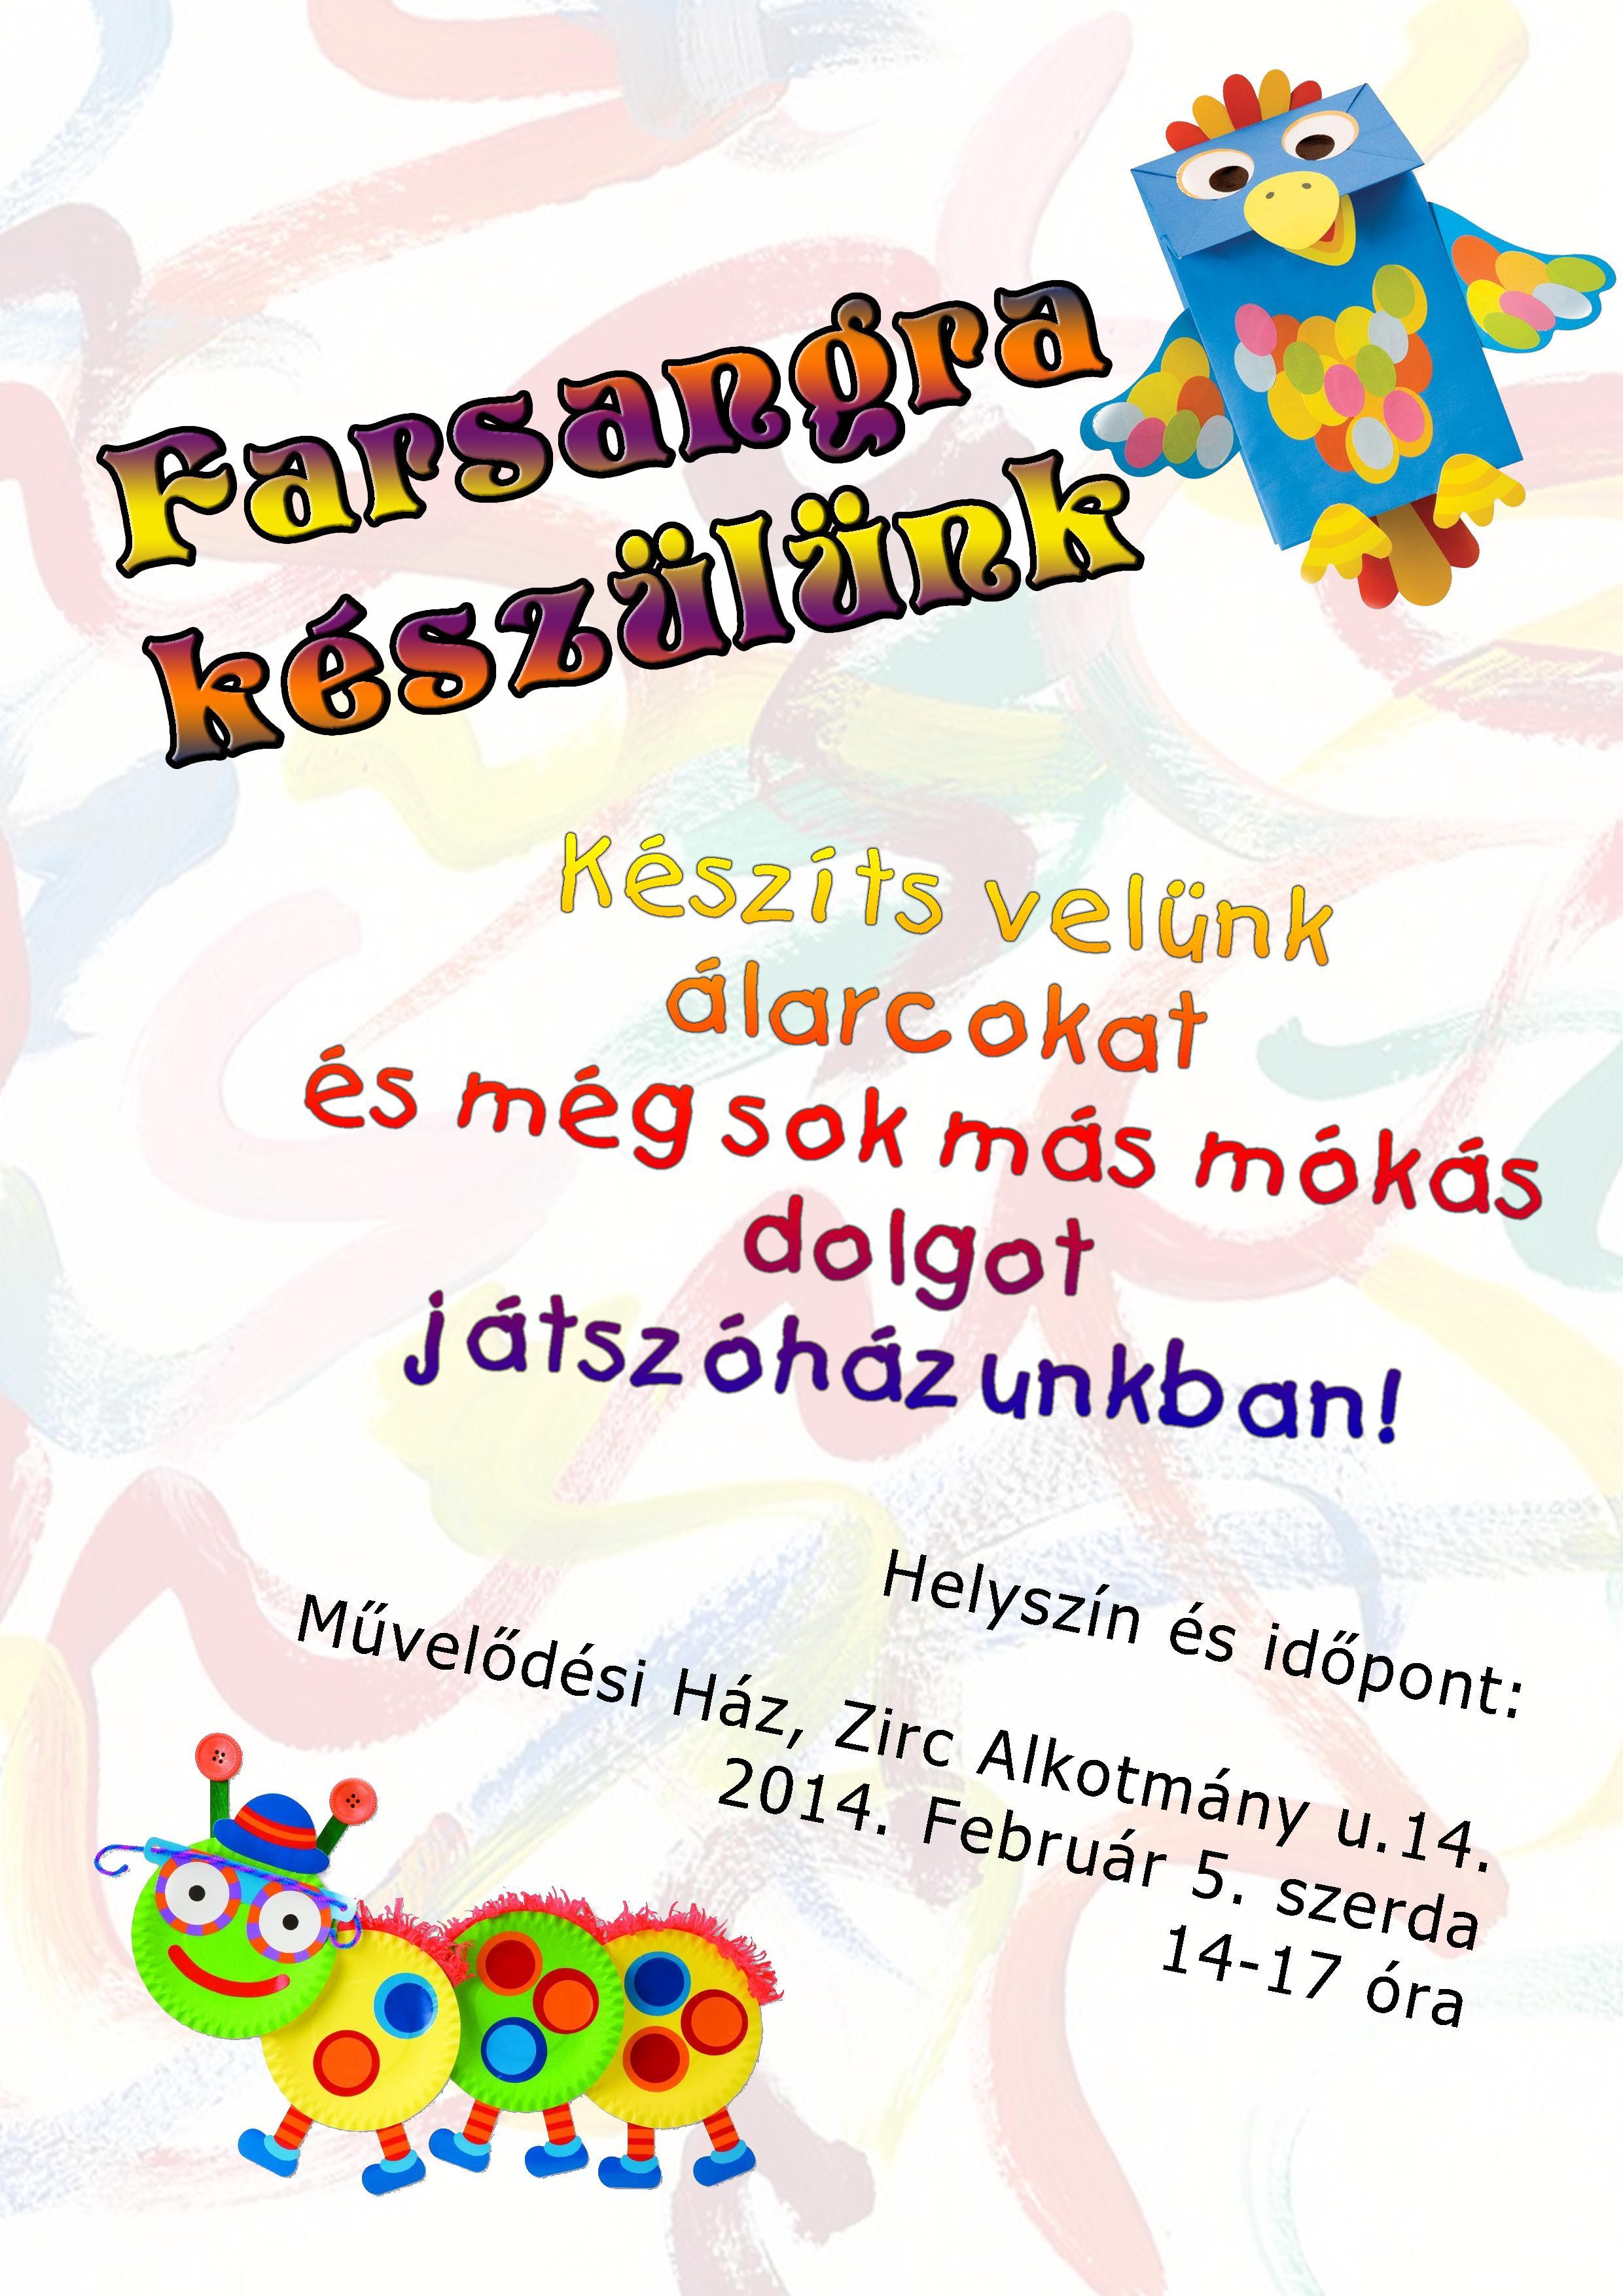 Farsangi játszóház plakát 2014feb5.jpg